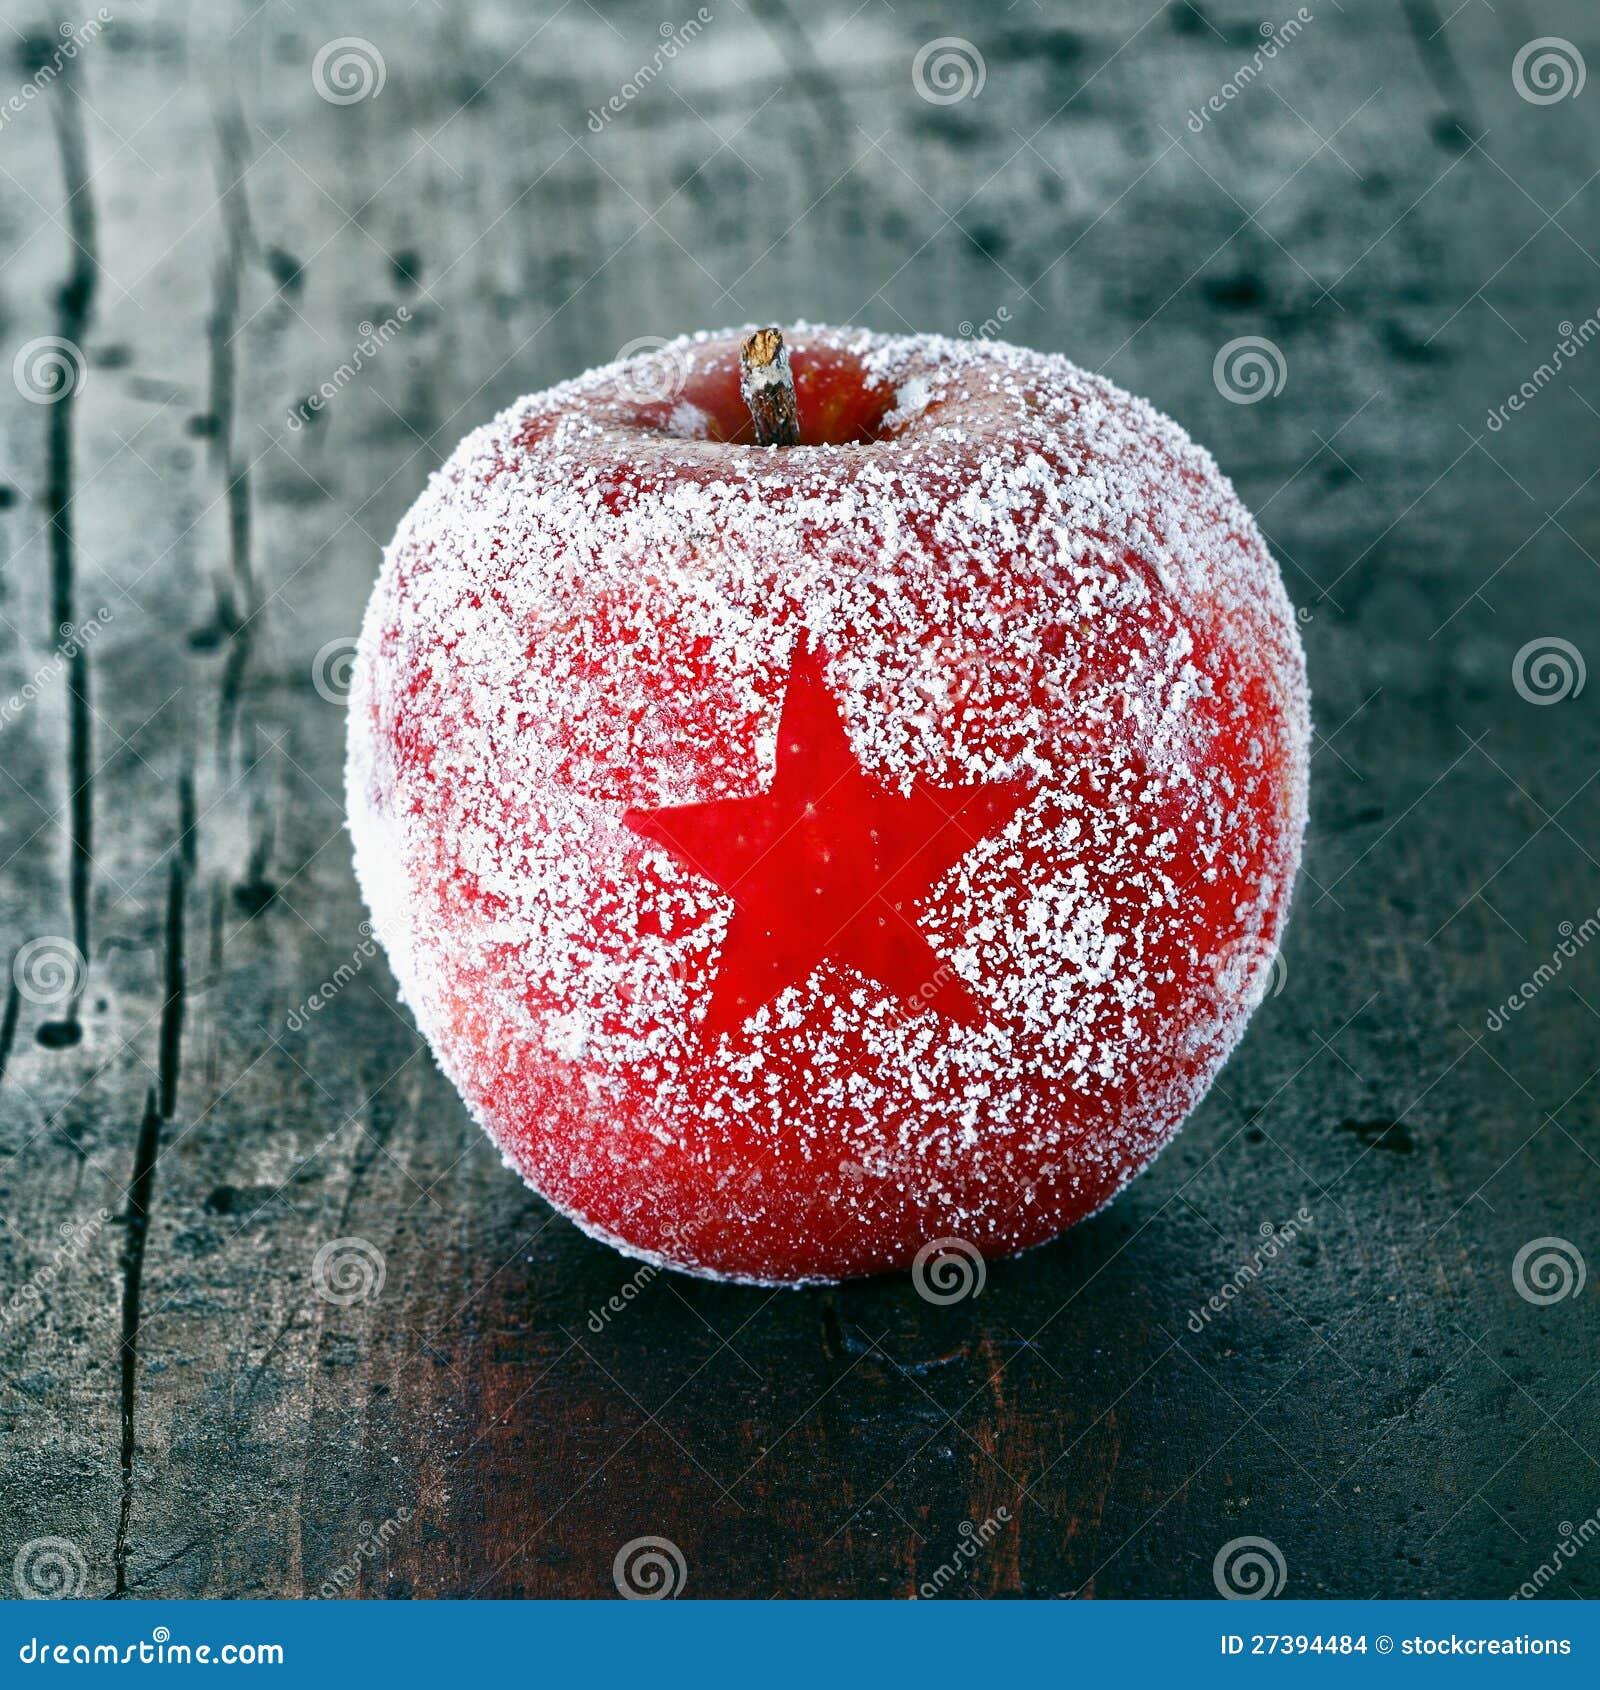 Decorative Fresh Christmas Apple Stock Images - Image: 27394484